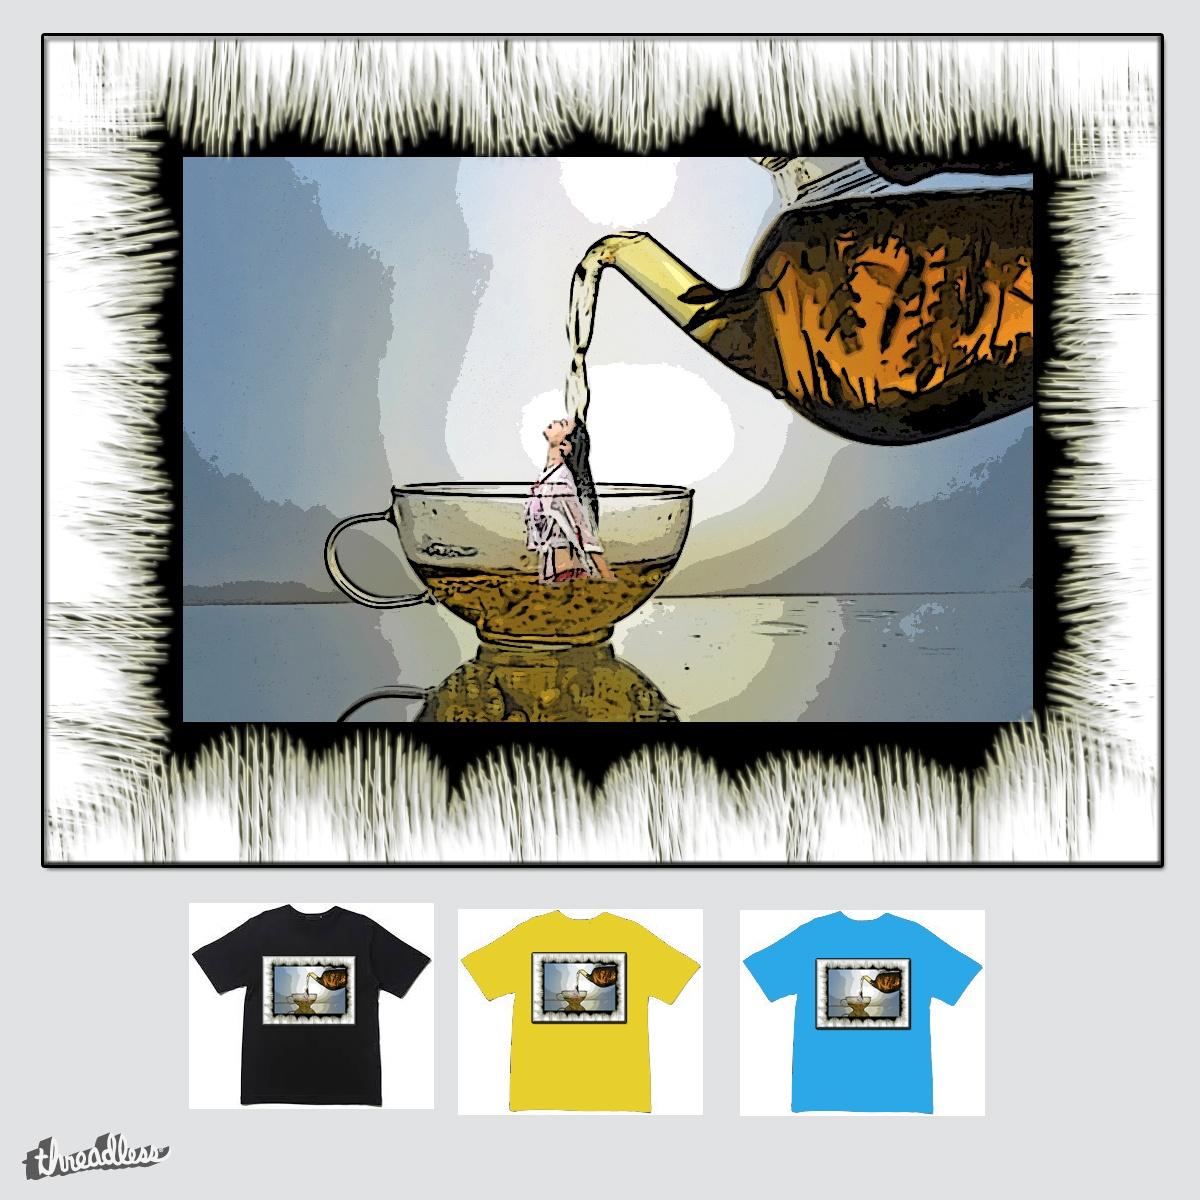 Tea bath by monica38 on Threadless